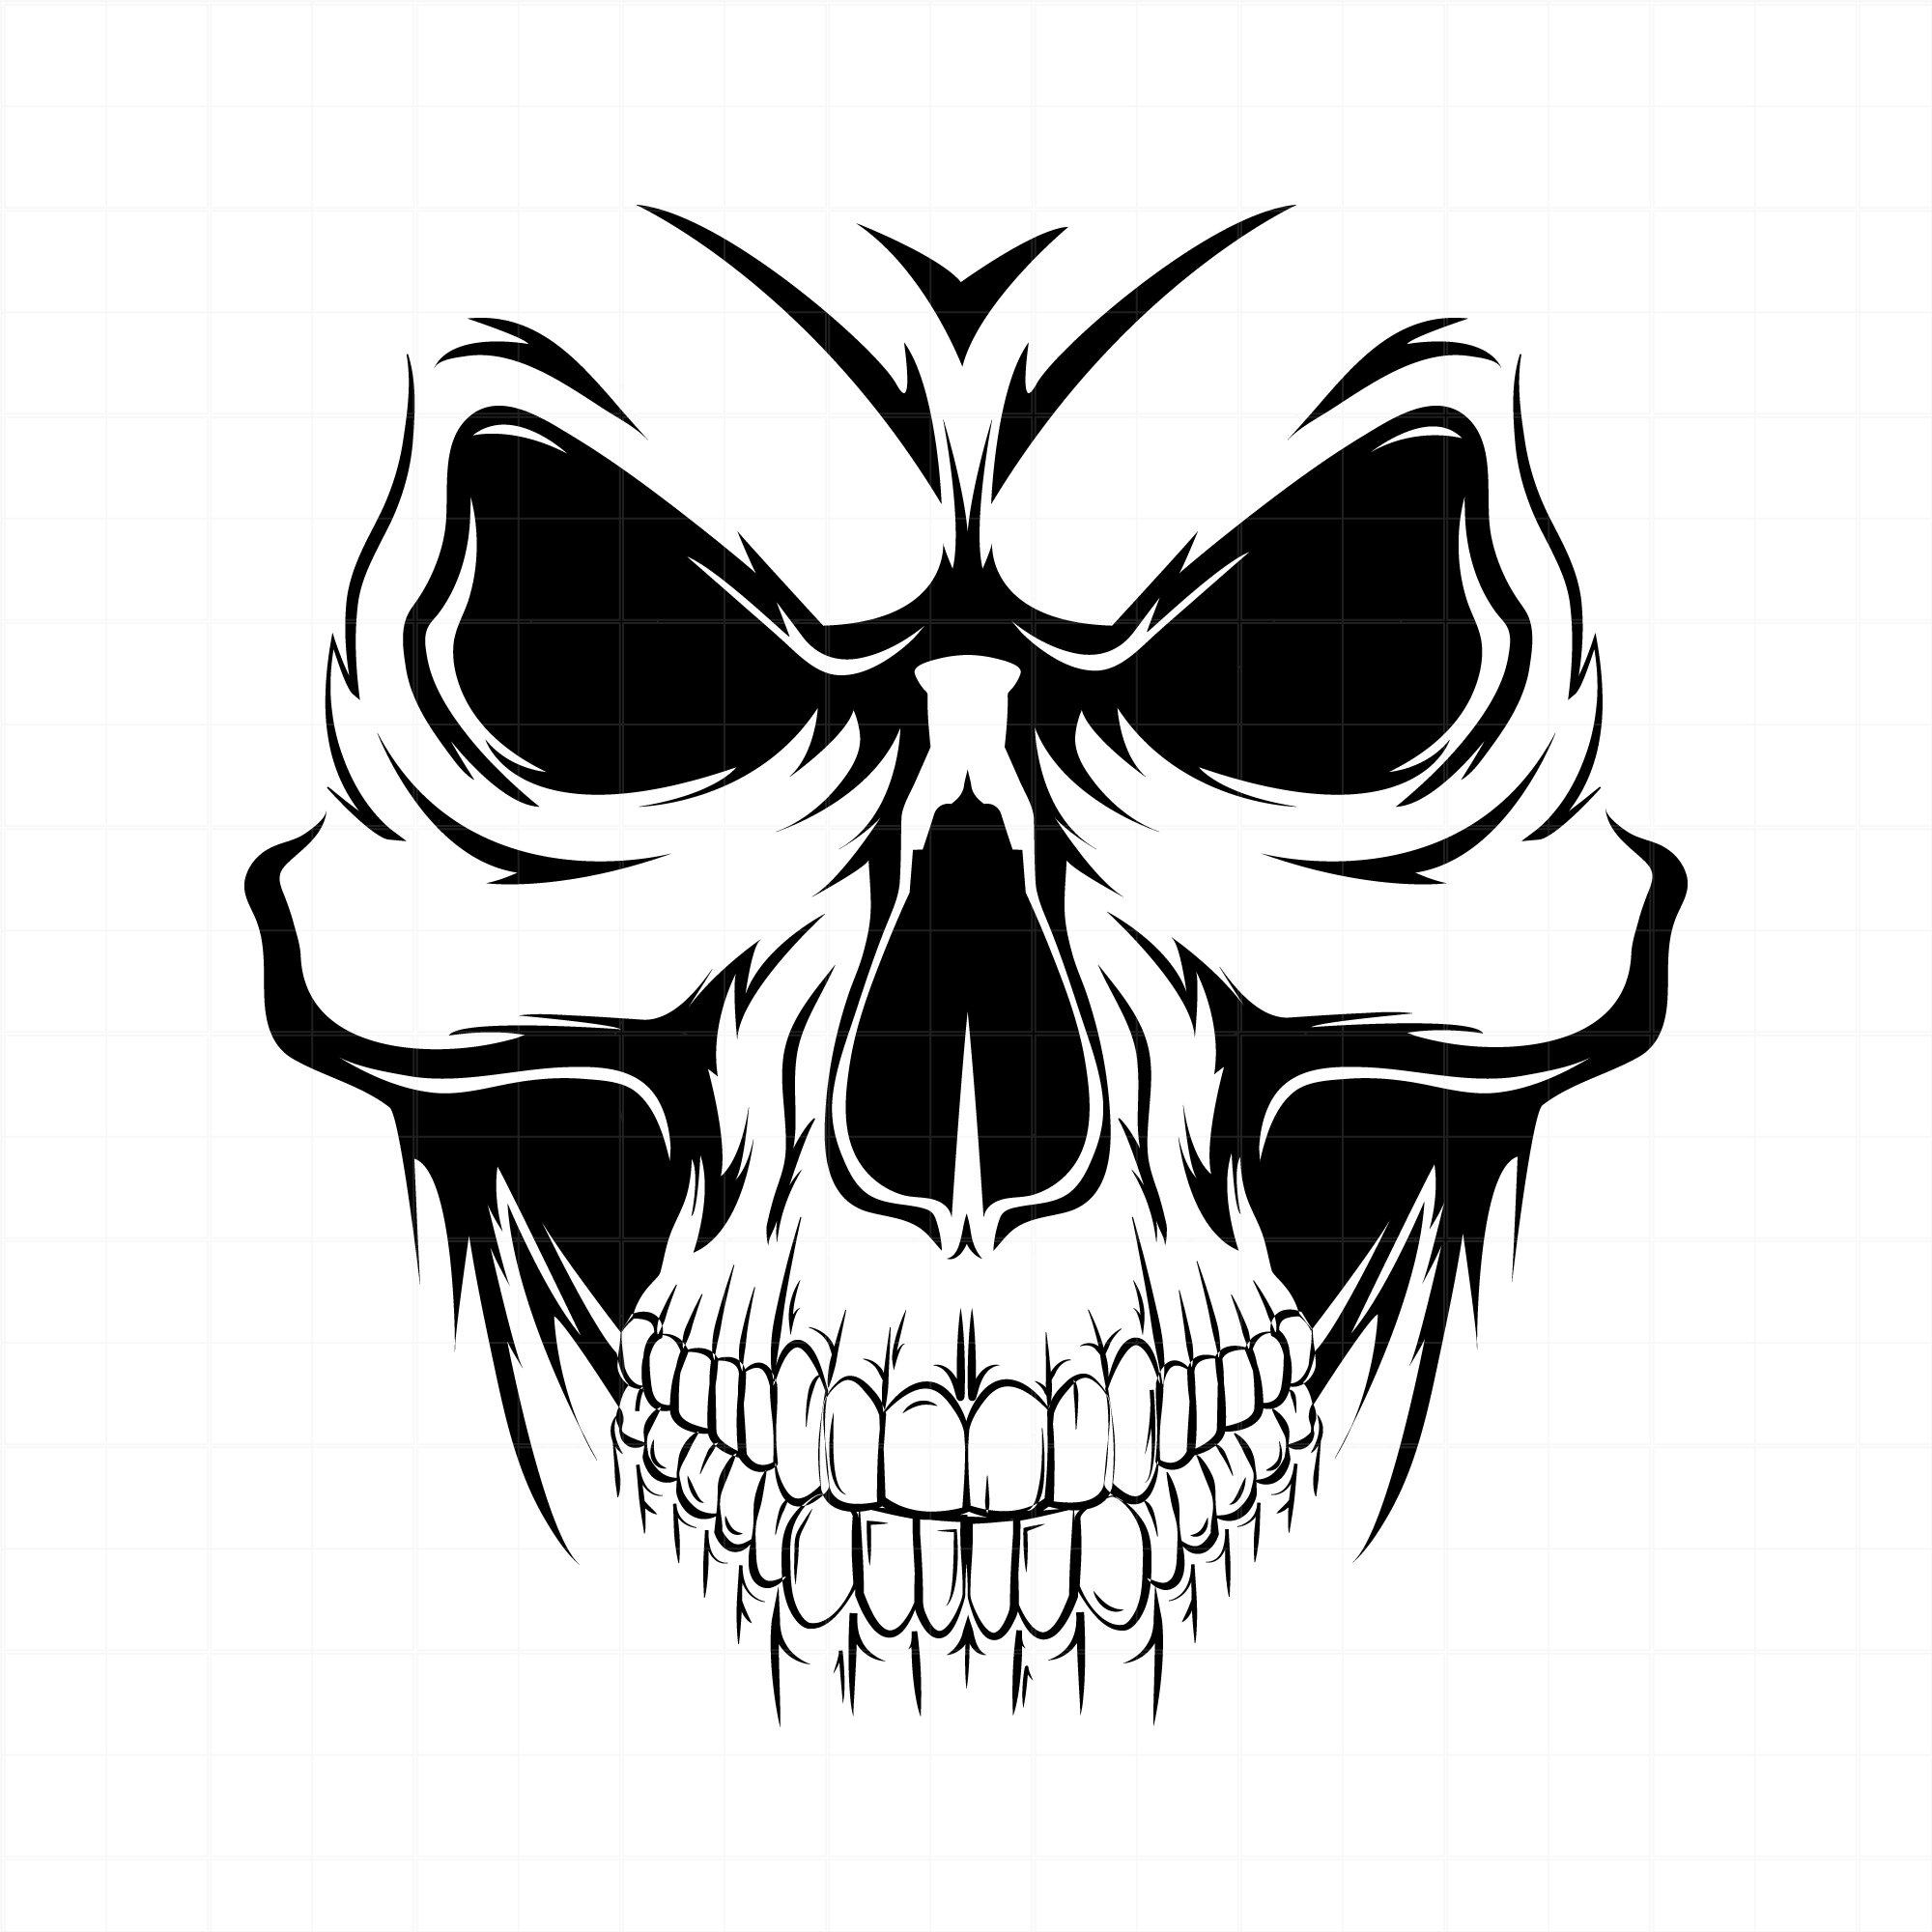 2000x2000 Skull Human Skull Vector Image Clip Art For Vinyl Etsy